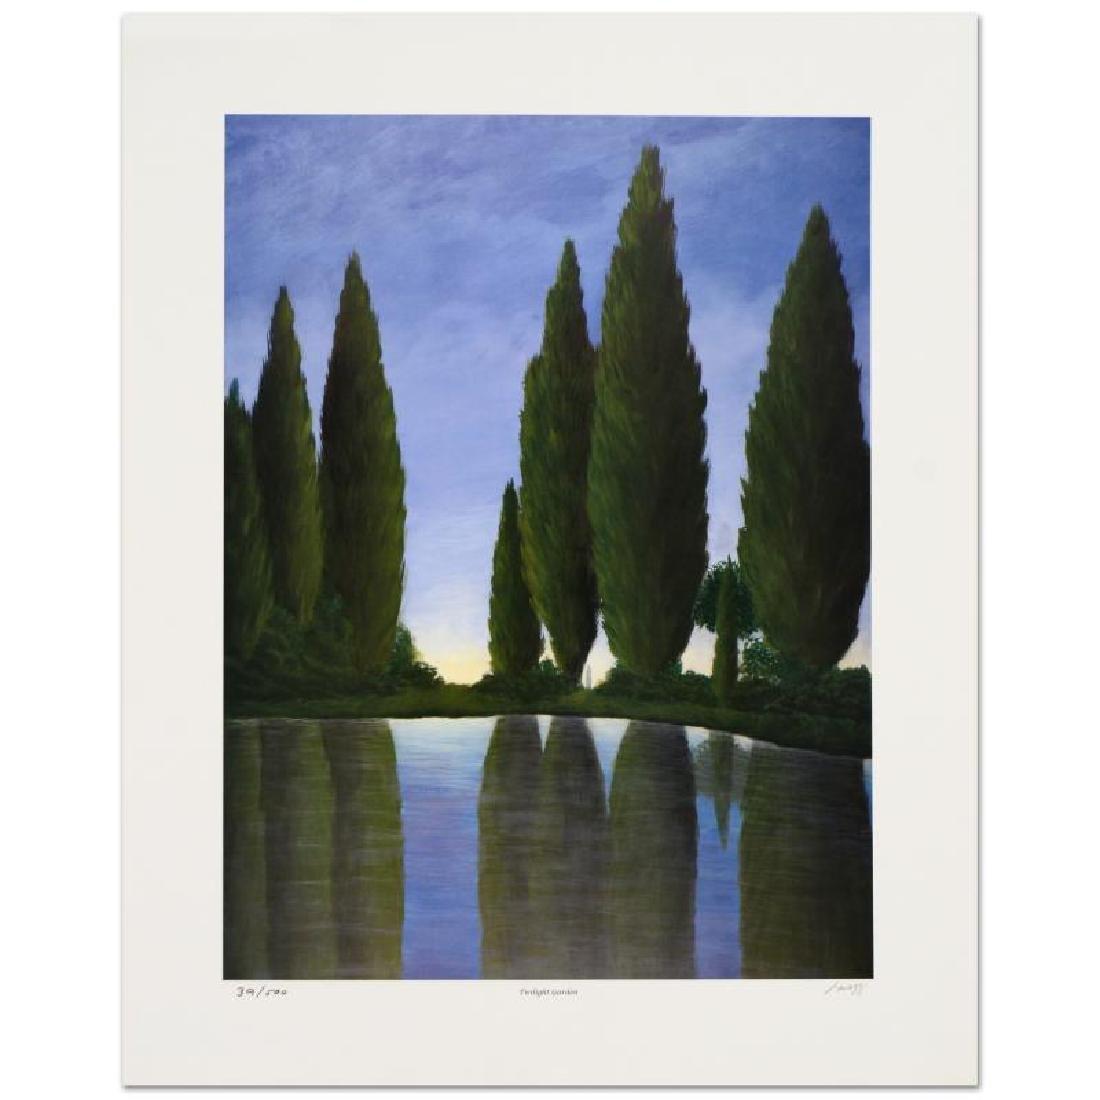 Twilight Garden by Lavaggi, Steven